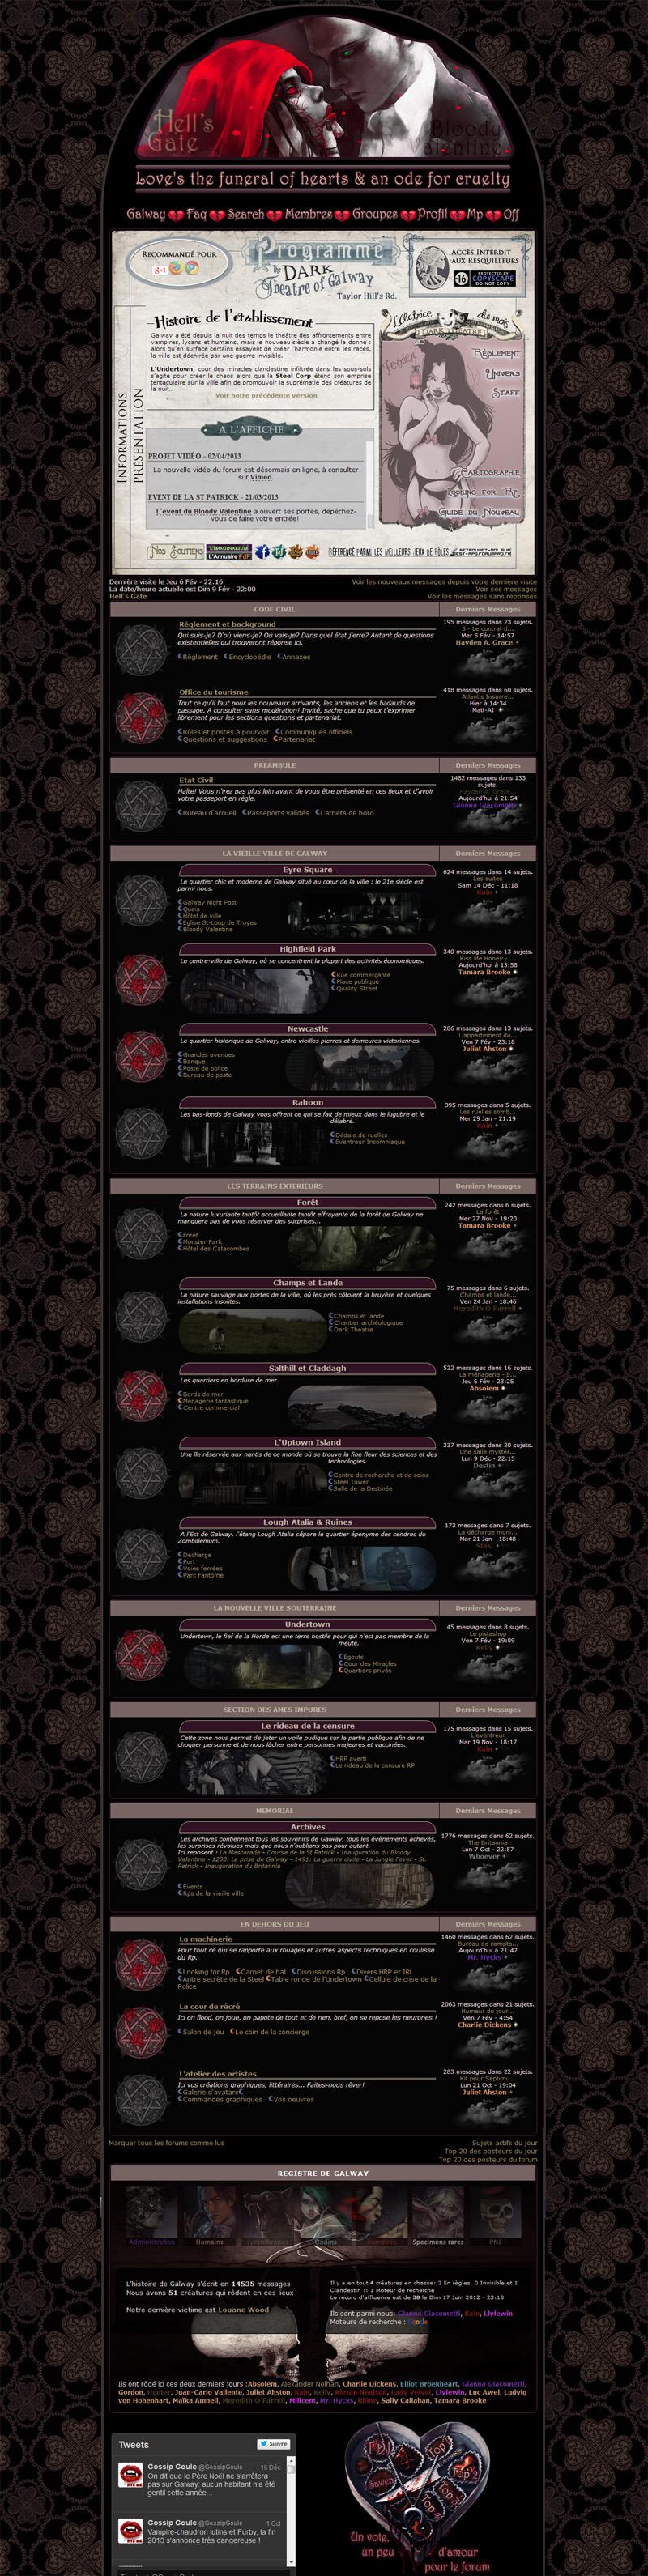 Galerie design Design-valentine-43e7e01